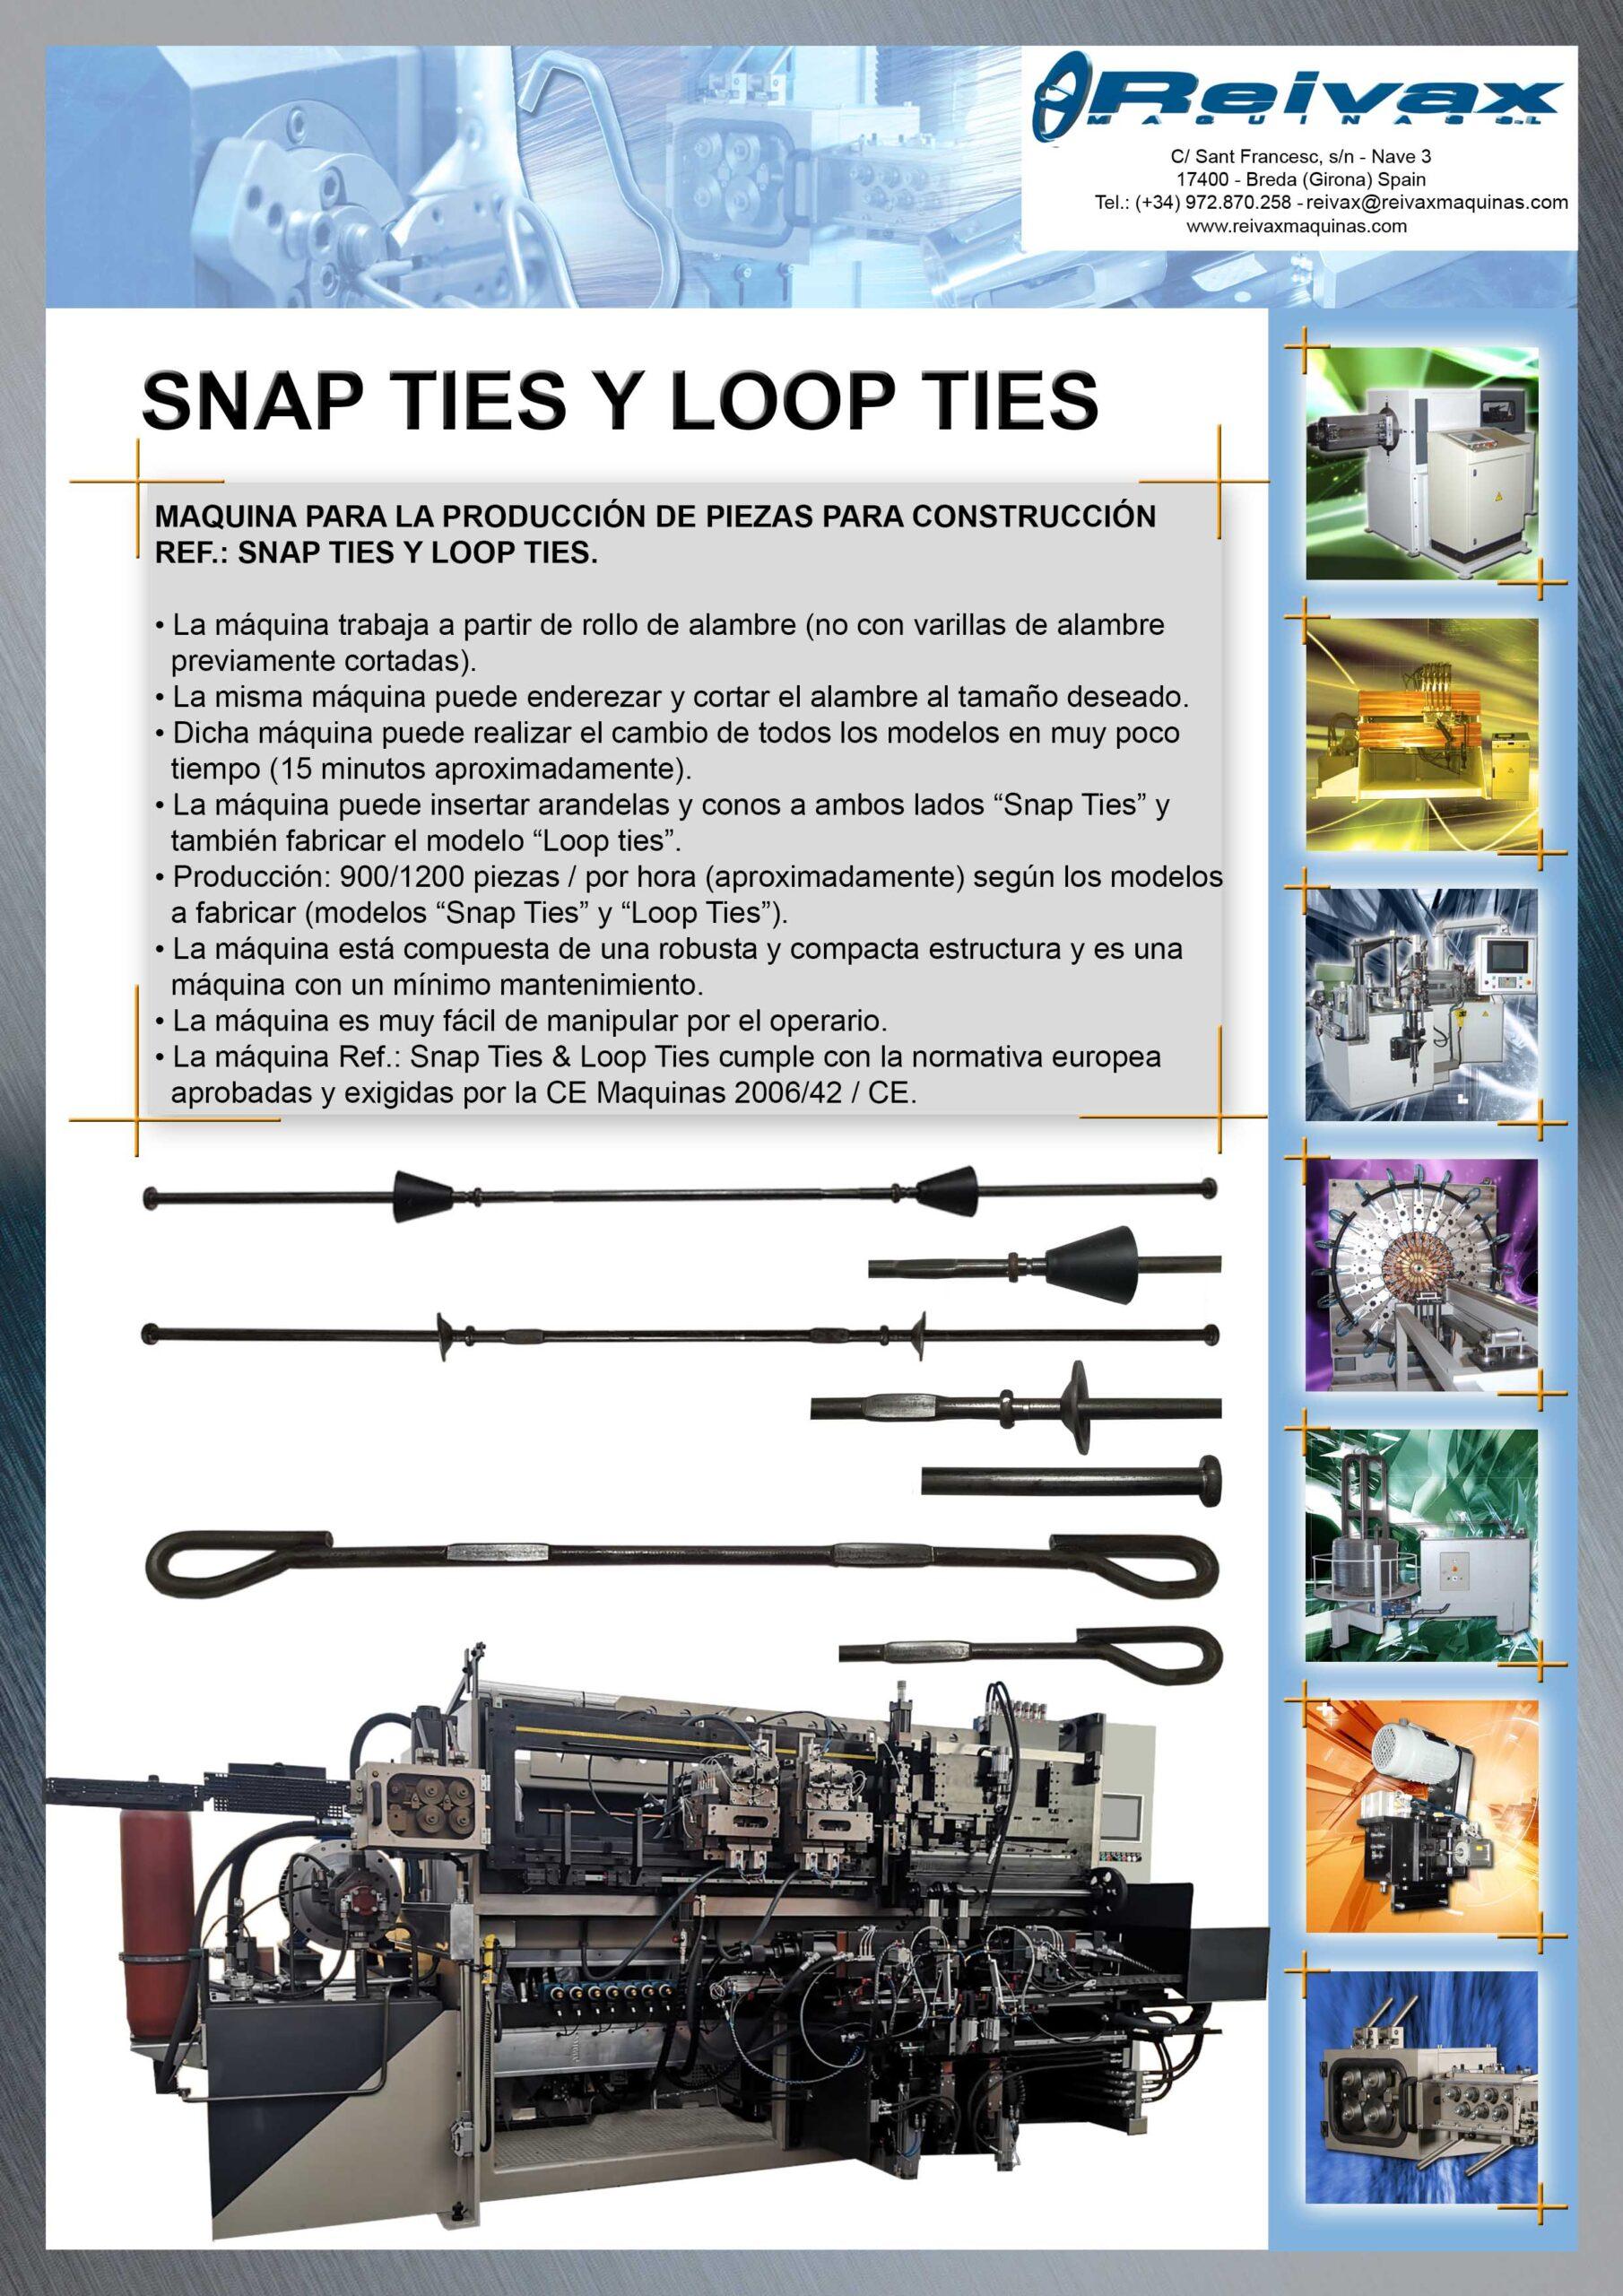 Reivax Maquinas, Sl: Ficha Técnica Máquina Snap Ties y Loop Ties